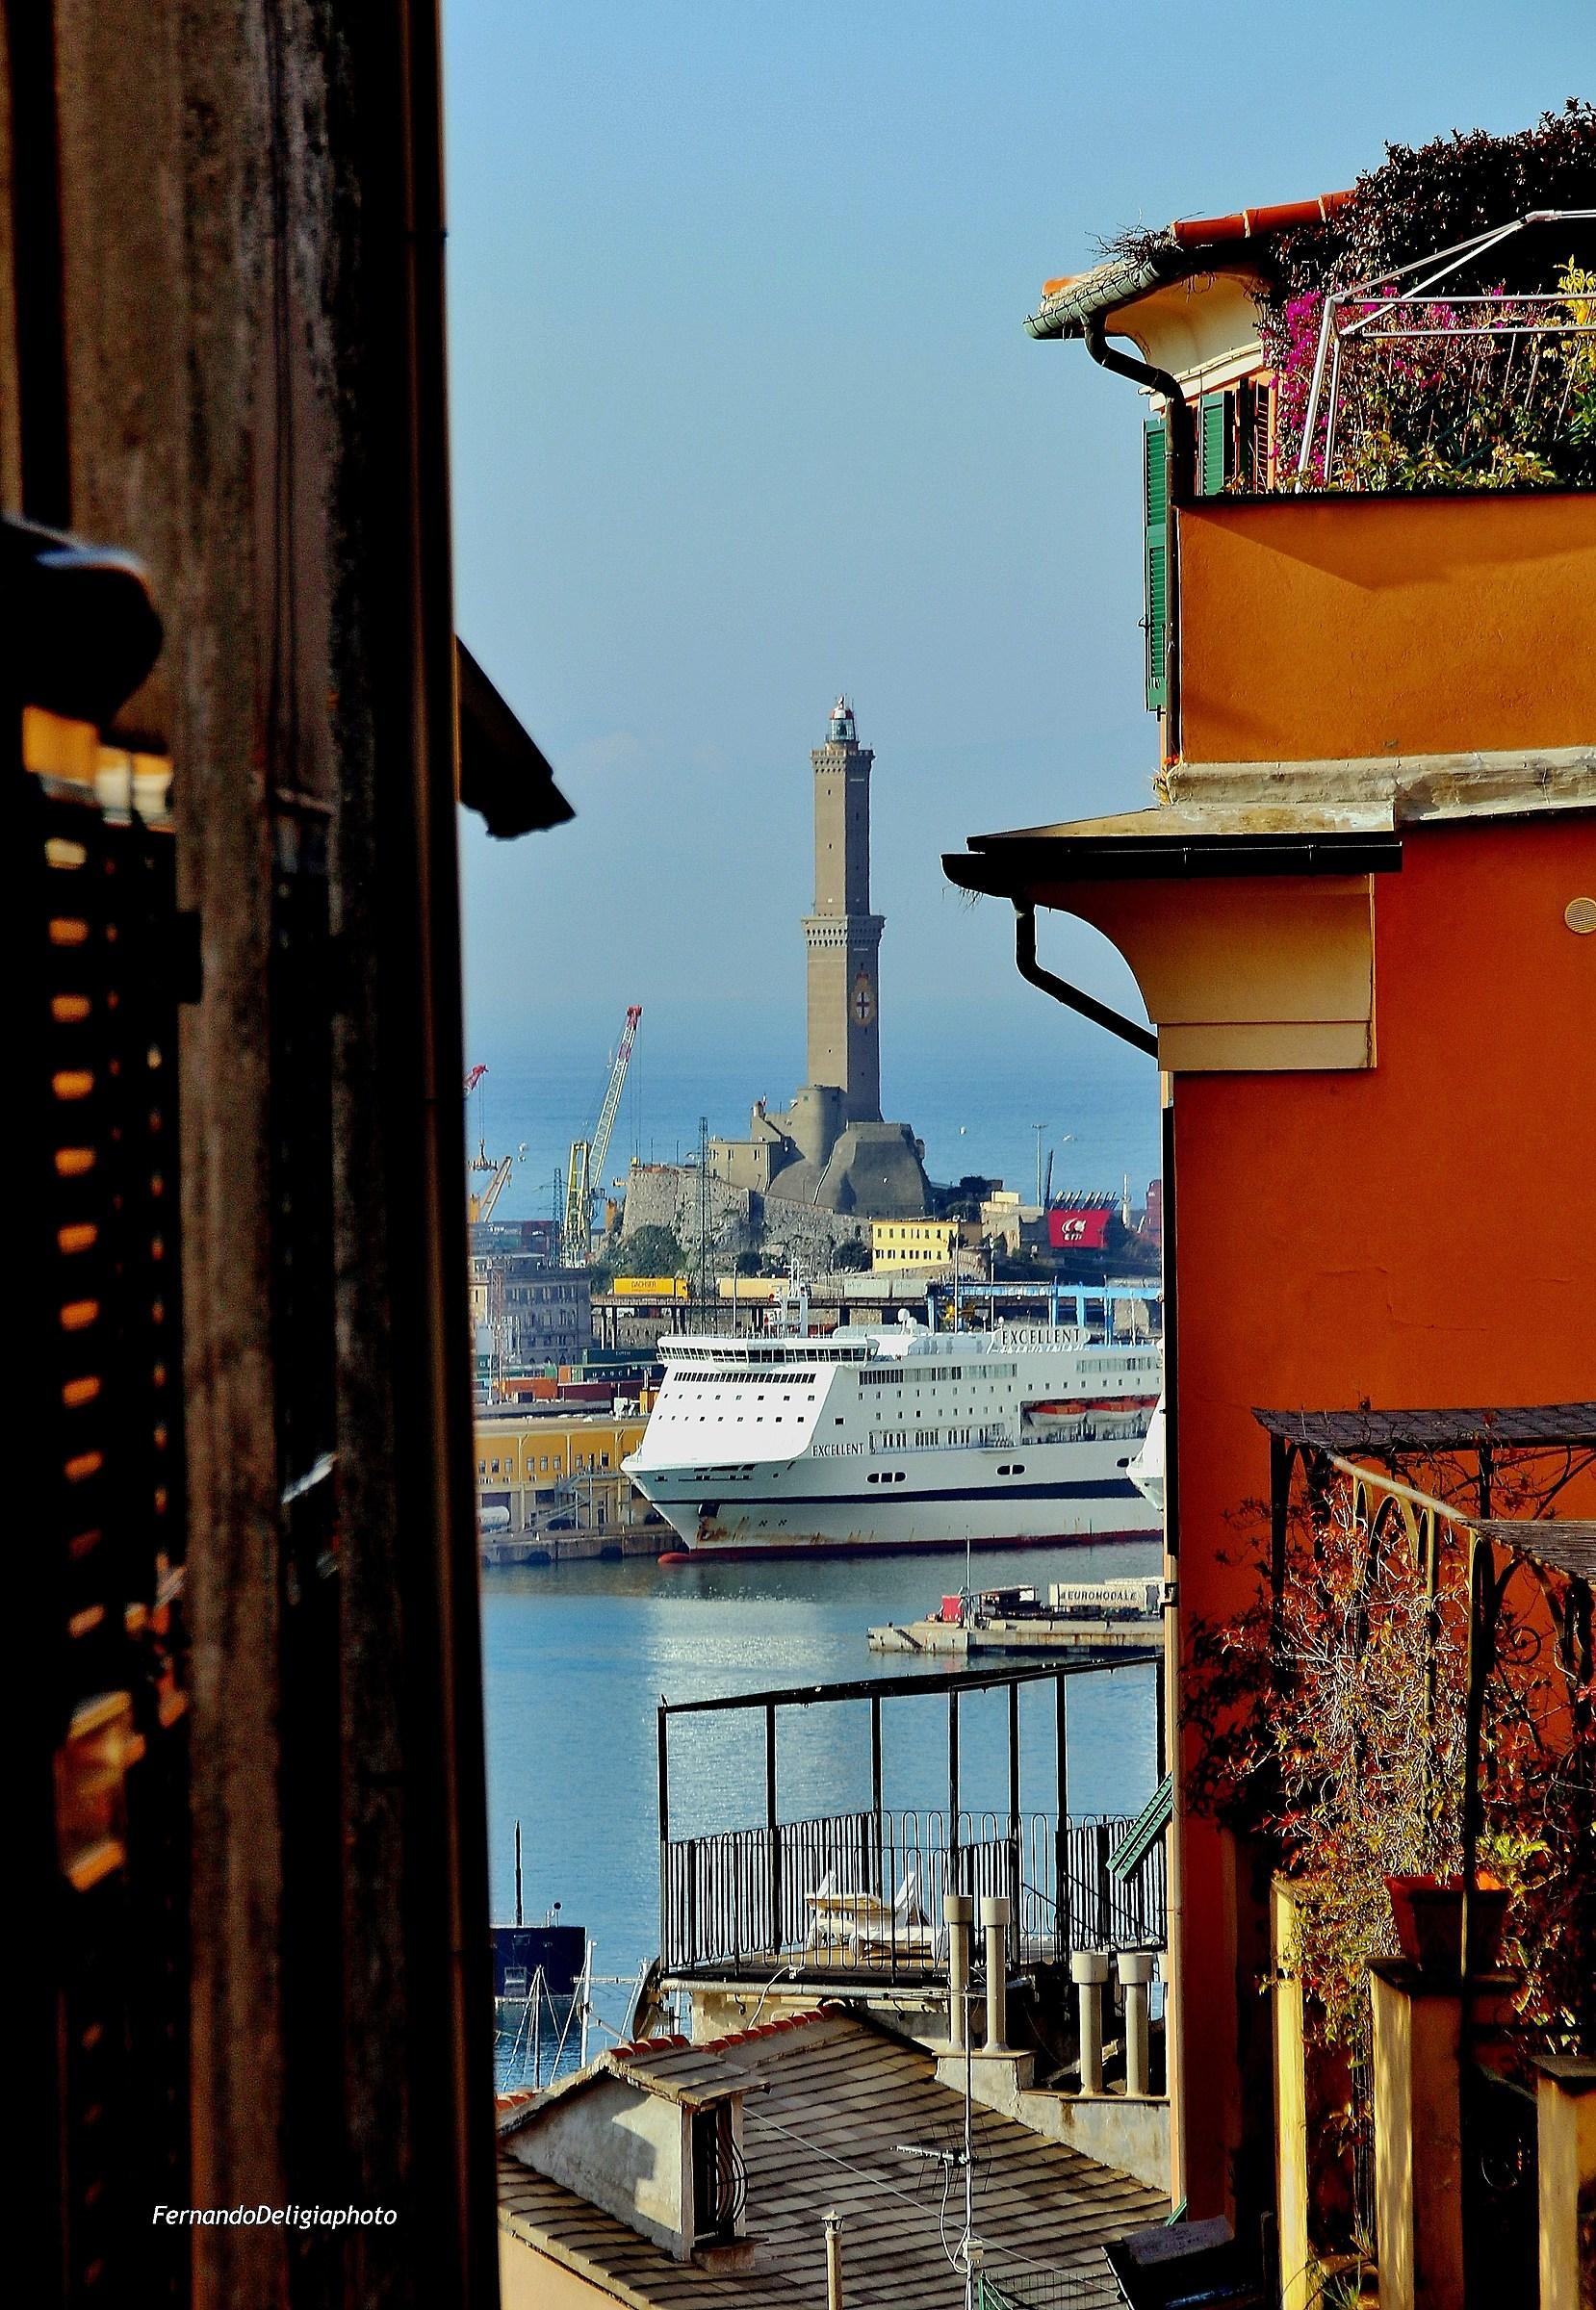 Glimpse of Genoa...